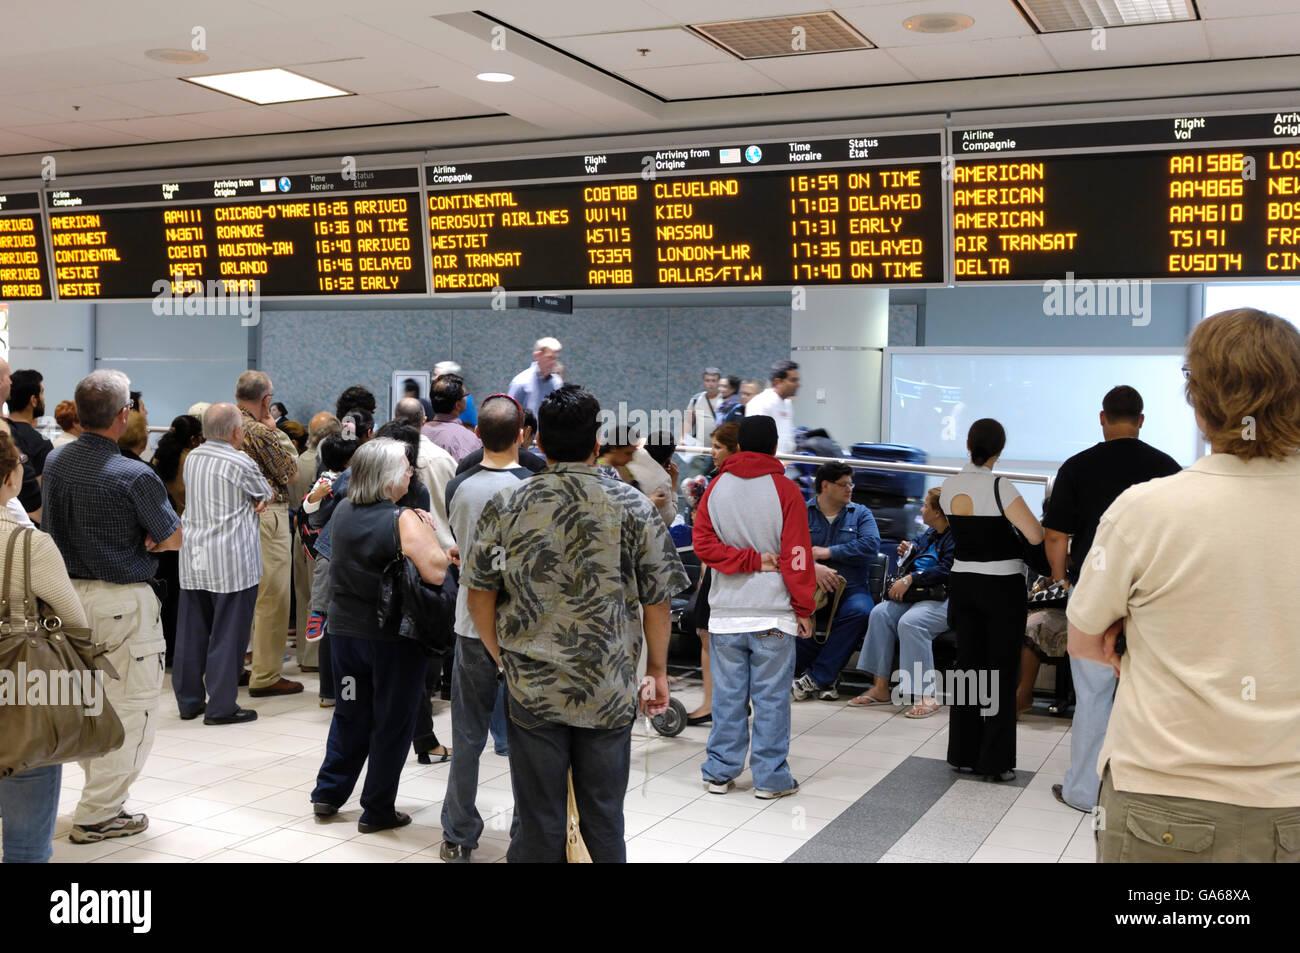 Menschen warten auf Ankünfte Hall von Toronto Pearson International Airport, Toronto, Ontario, Kanada, Nordamerika Stockbild